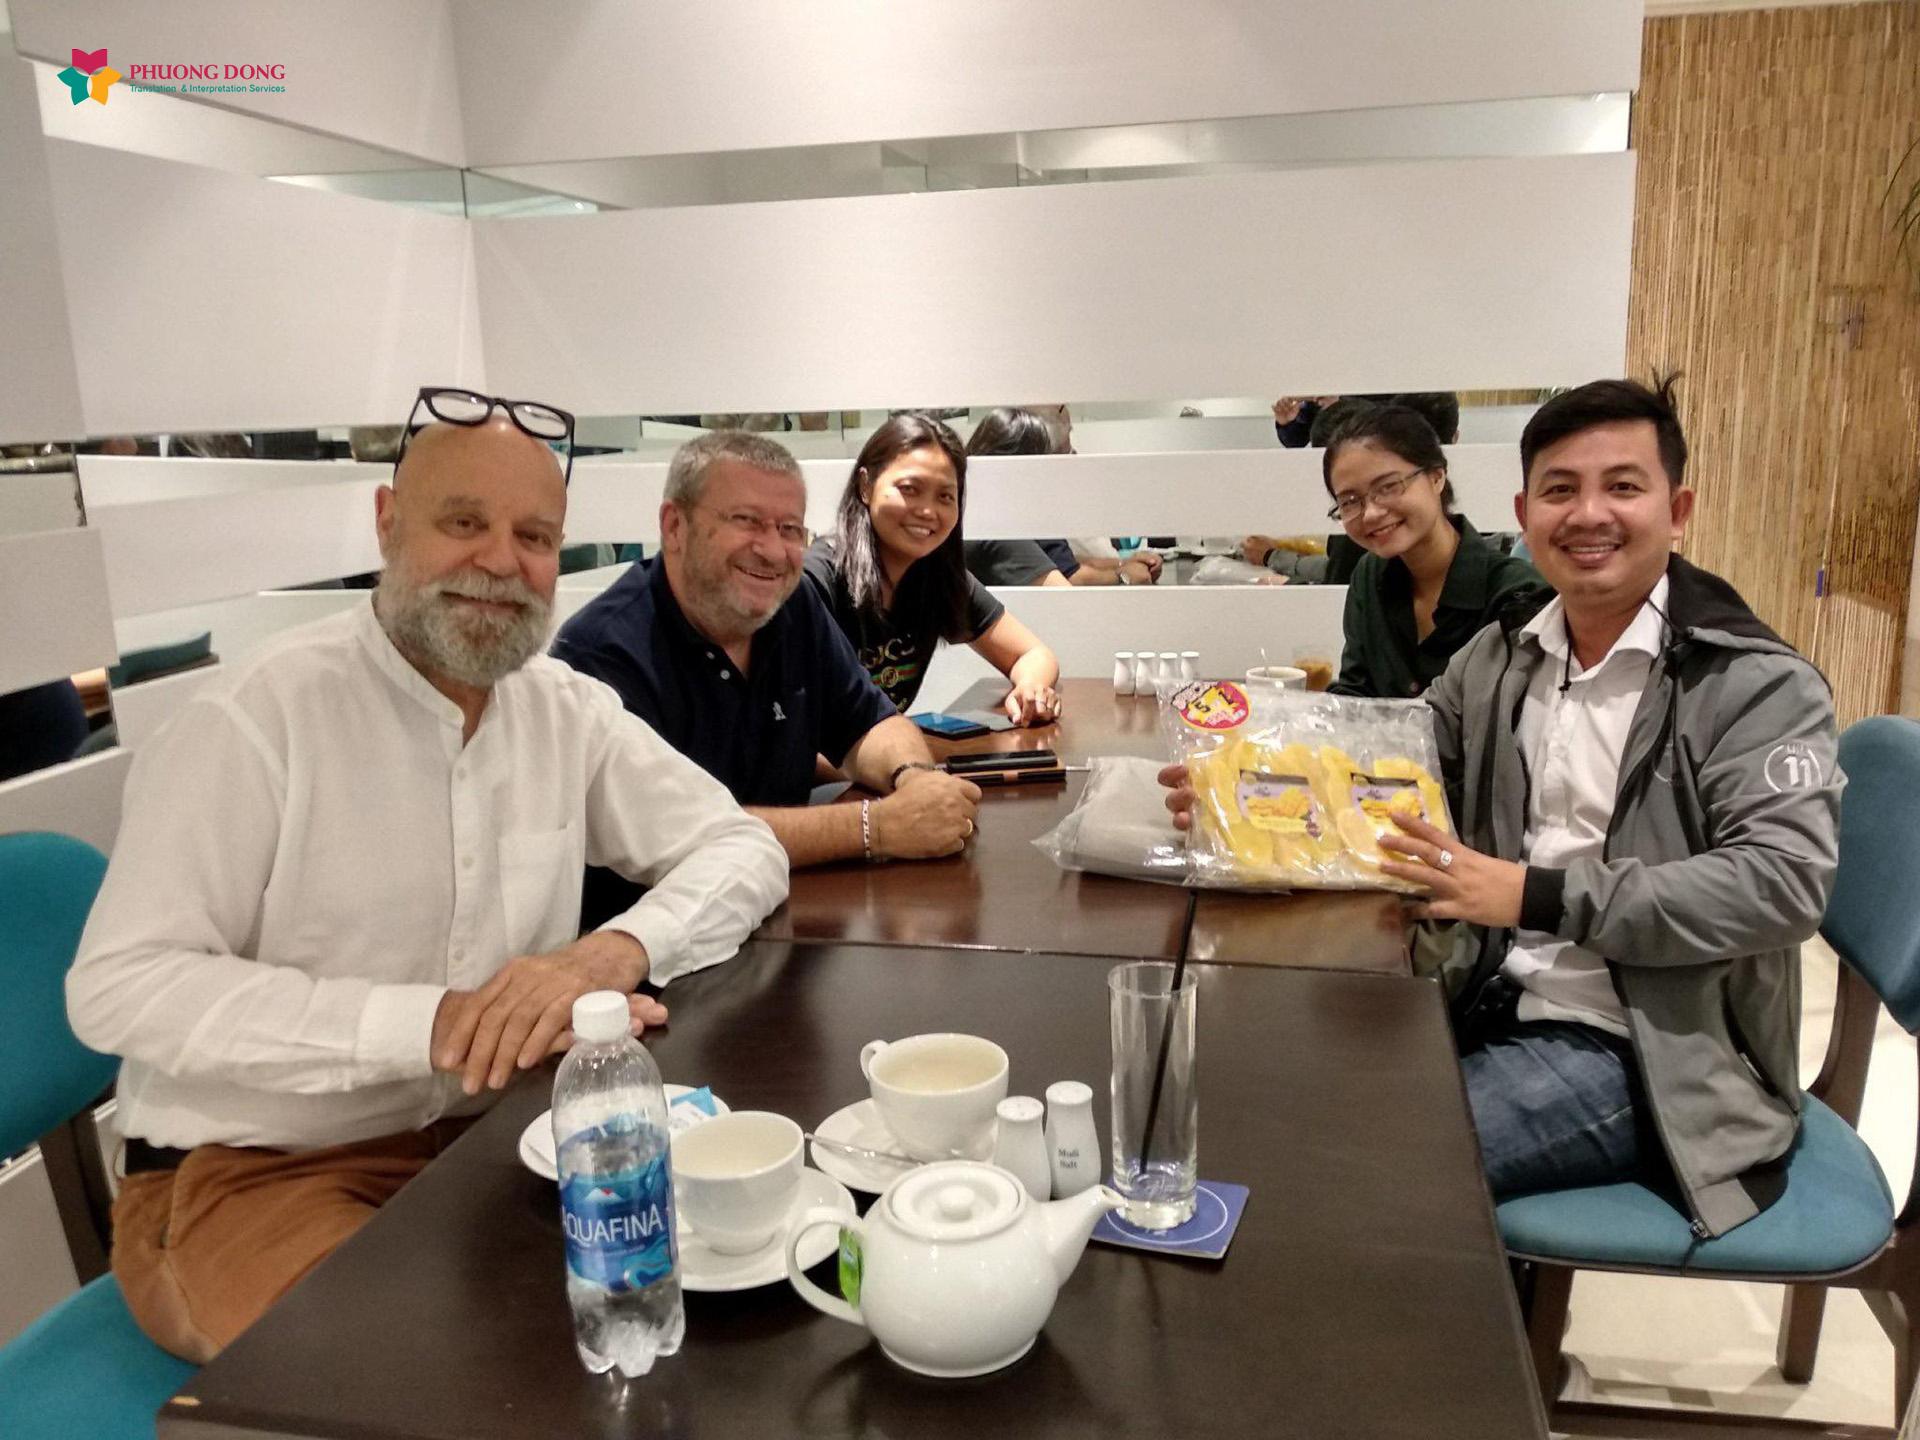 Phiên dịch Anh Việt về thẩm mỹ nội khoa cho công ty Image Skincare Việt Nam